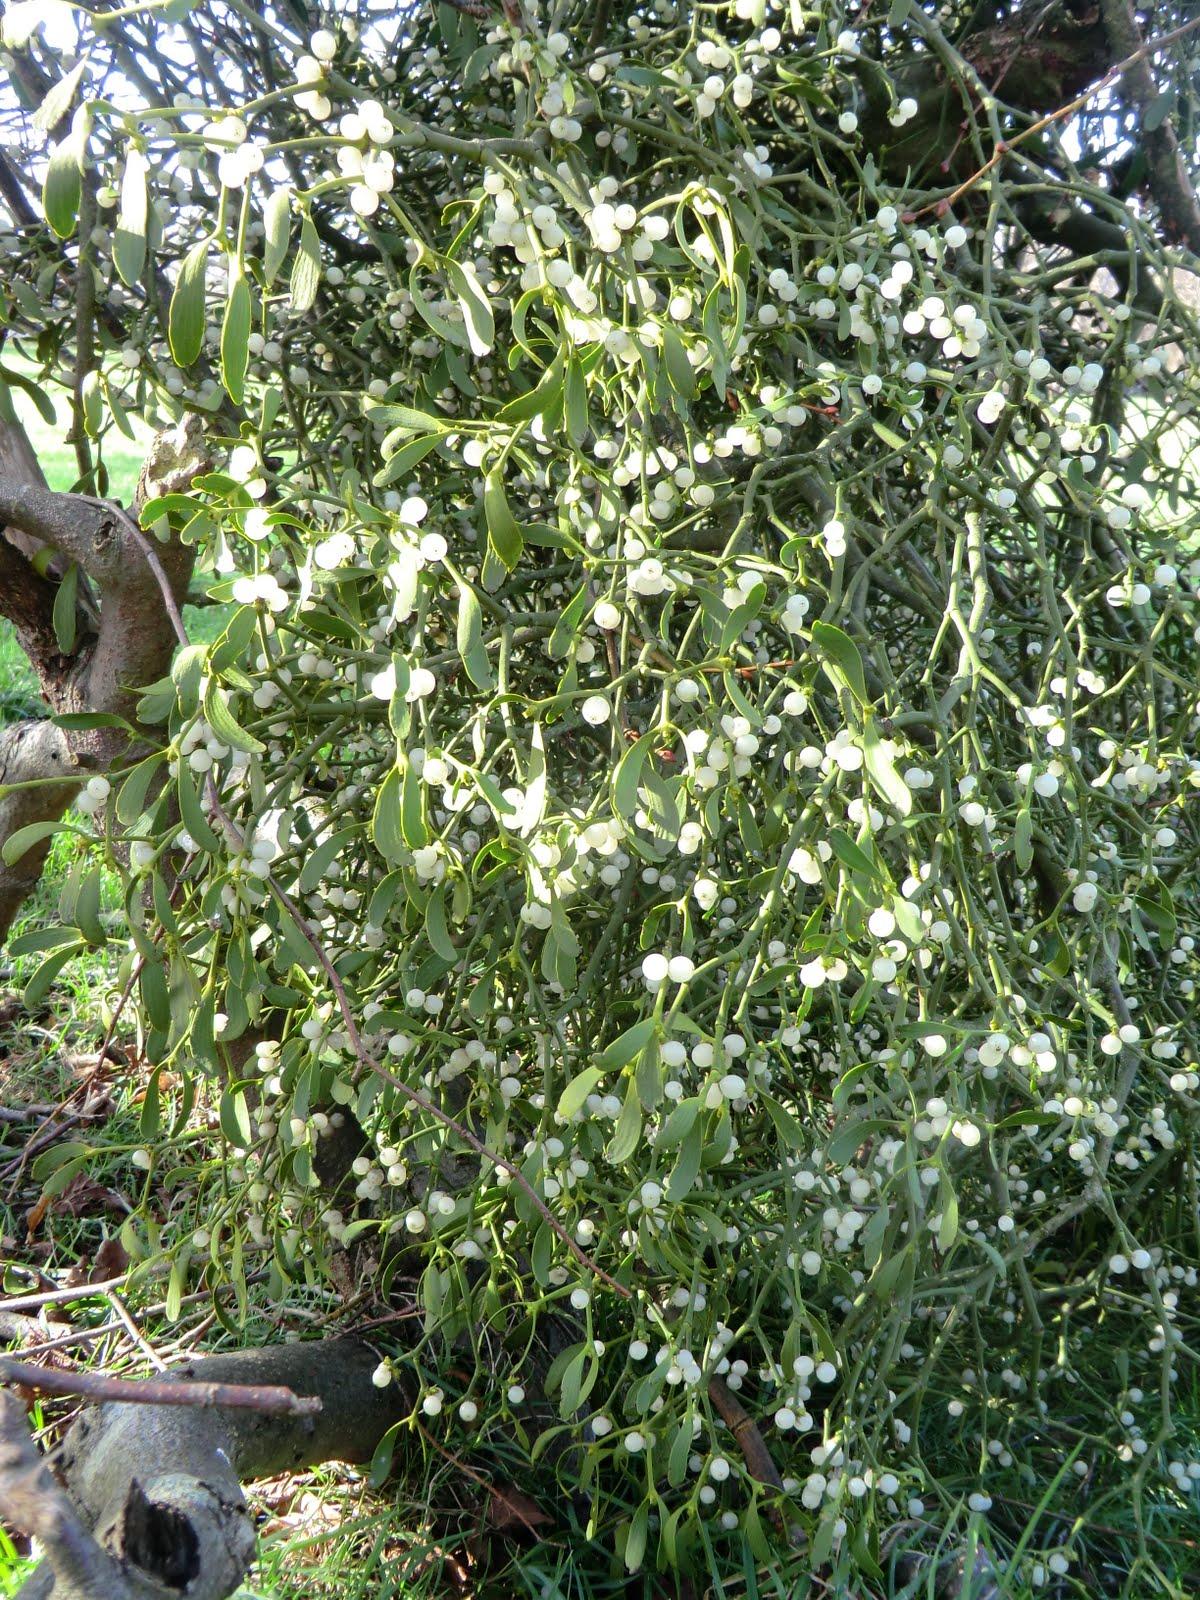 CIMG9934 Fallen branch with mistletoe, Penshurst Park